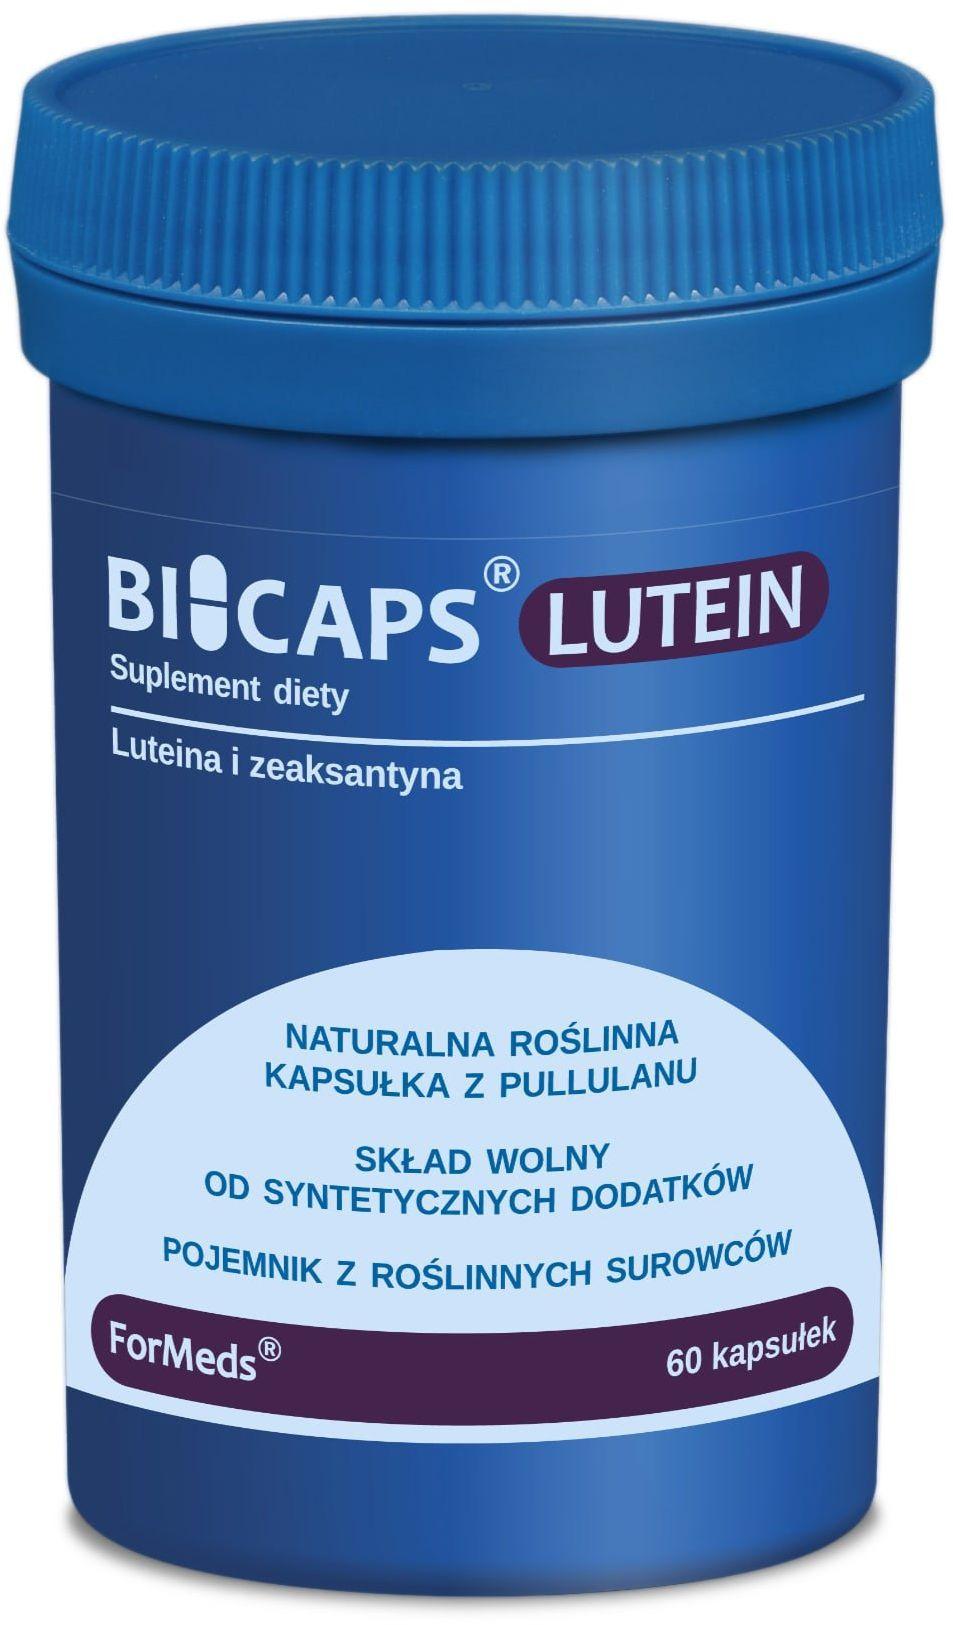 BICAPS LUTEIN Luteina 20mg Zeaksantyna 2 mg Wzrok Oczy (60 kaps) ForMeds